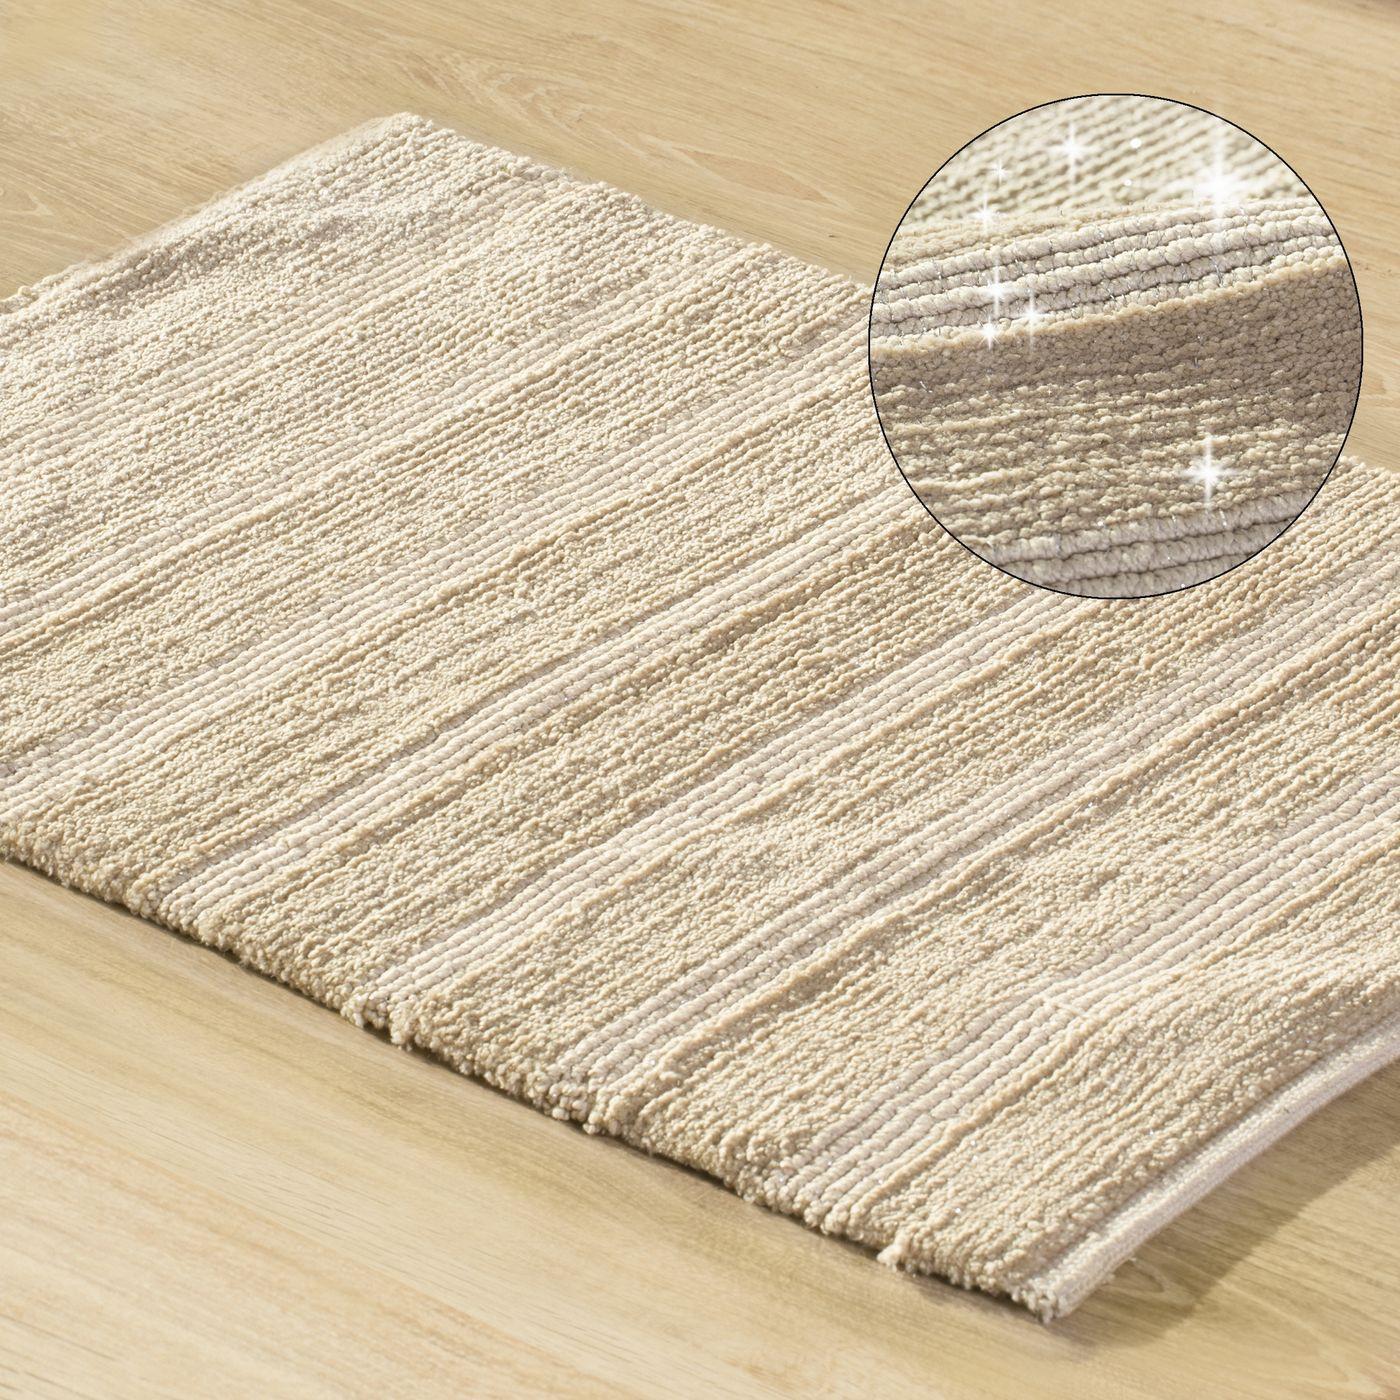 Łazienkowy dywanik w paski splot pętelkowy beż 60x90 cm